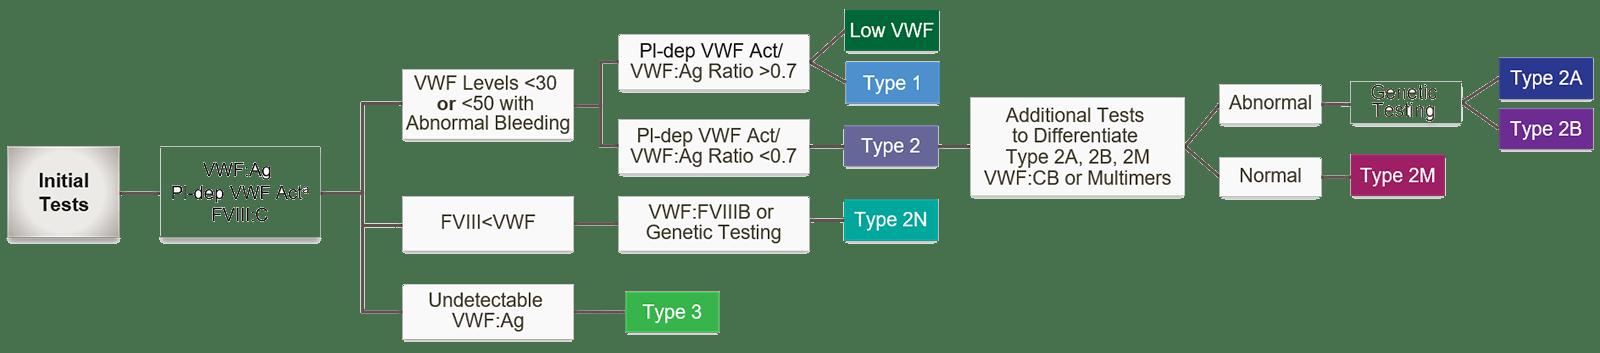 vWD flow chart for diagnostic process